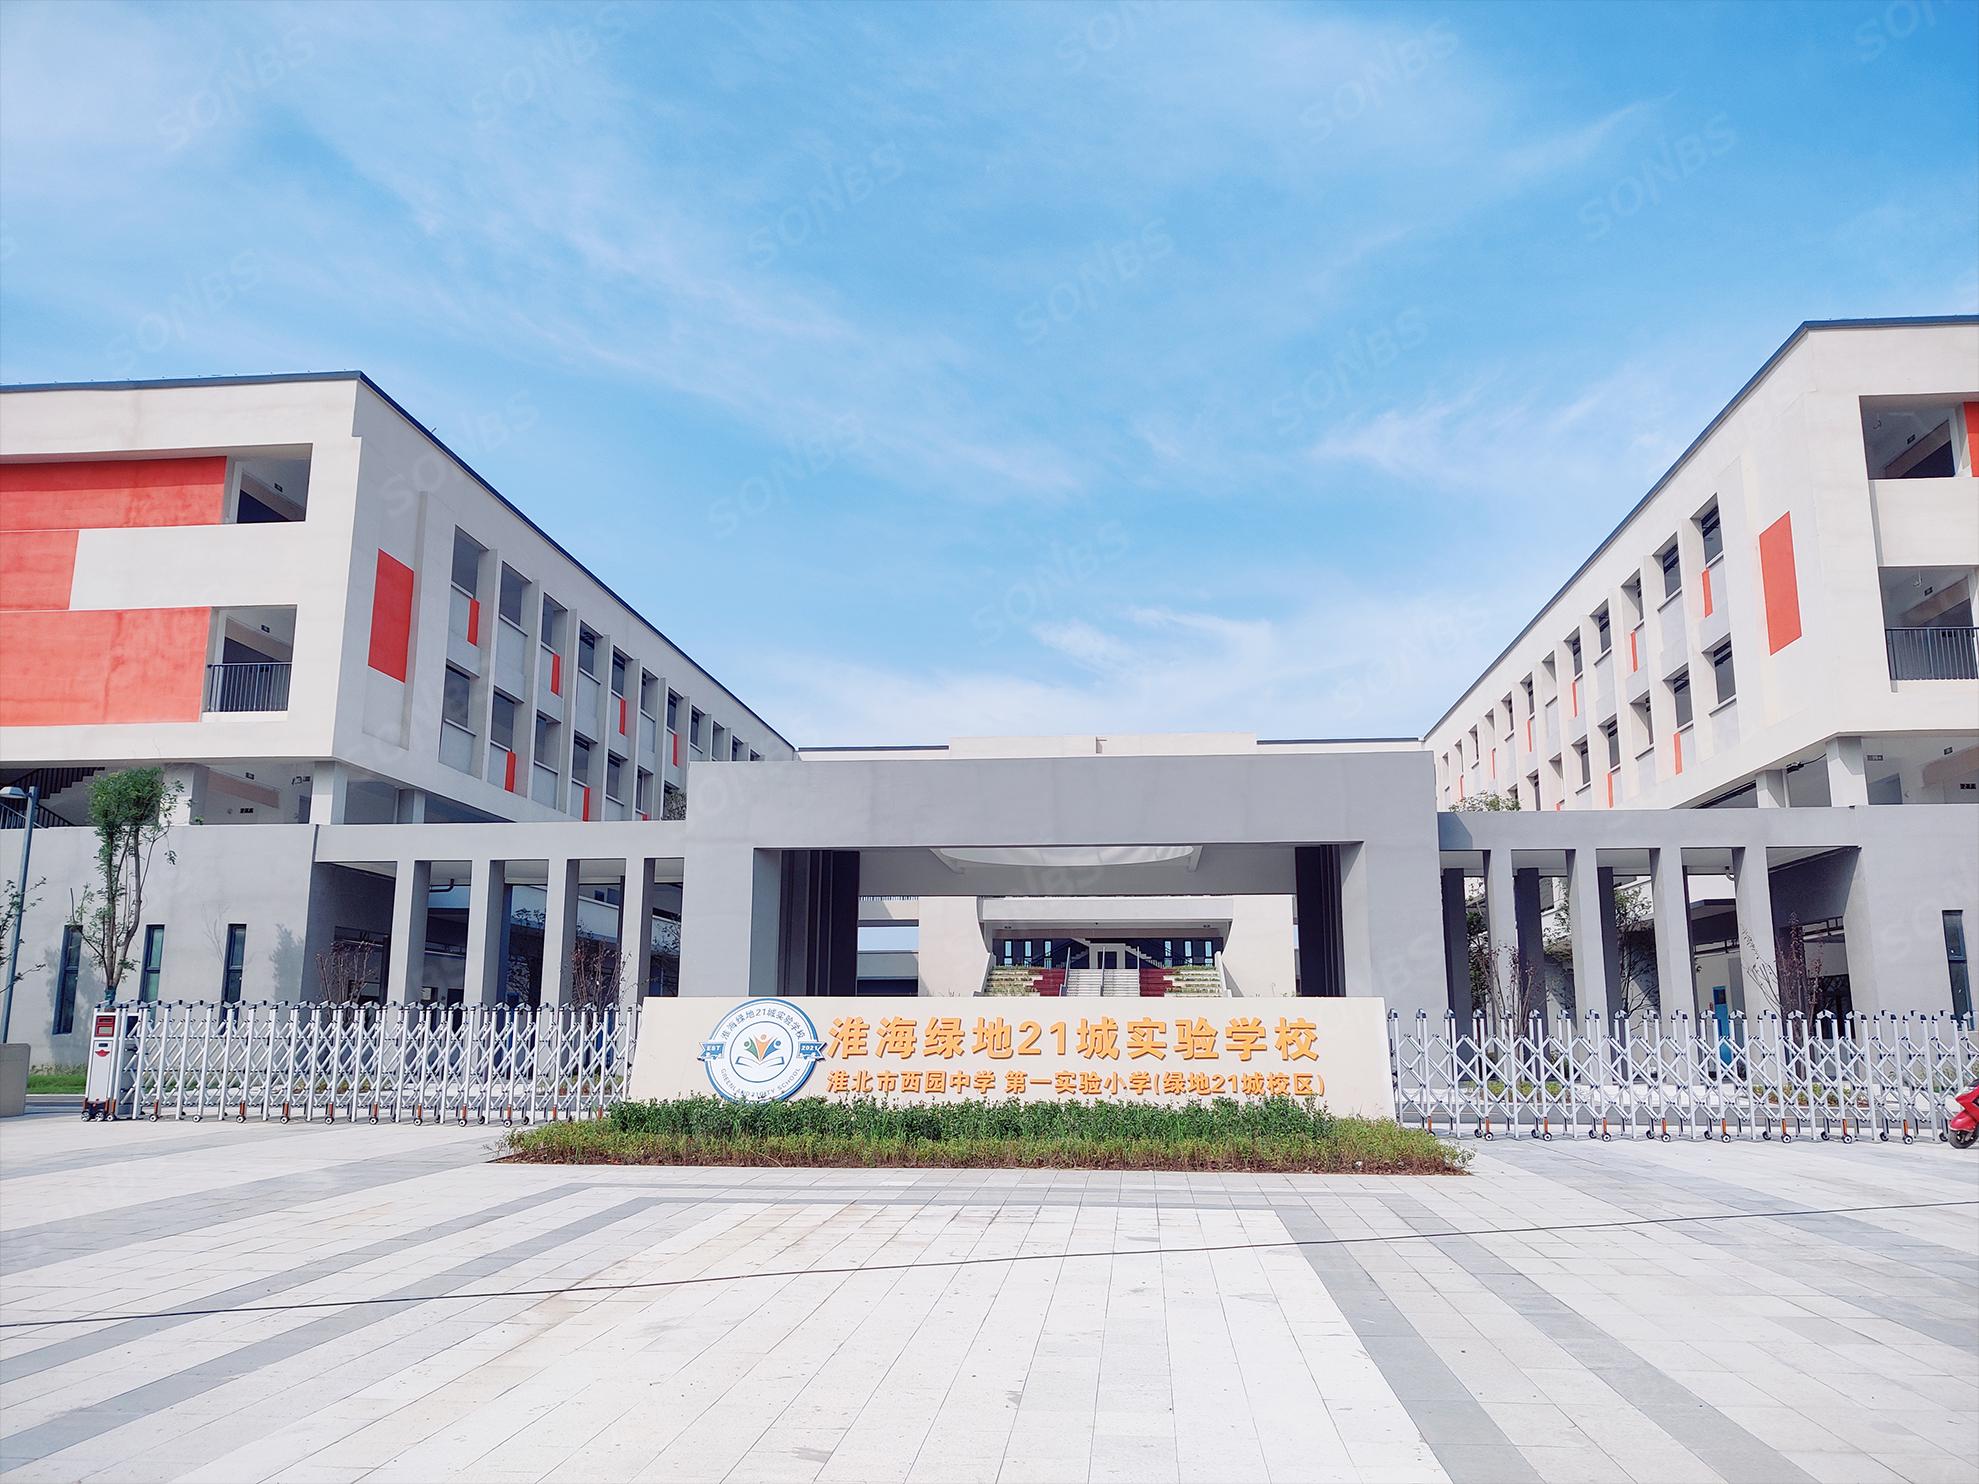 SONBS 高可靠IP网络广播系统成功应用于安徽省淮北市淮海绿地21城实验学校